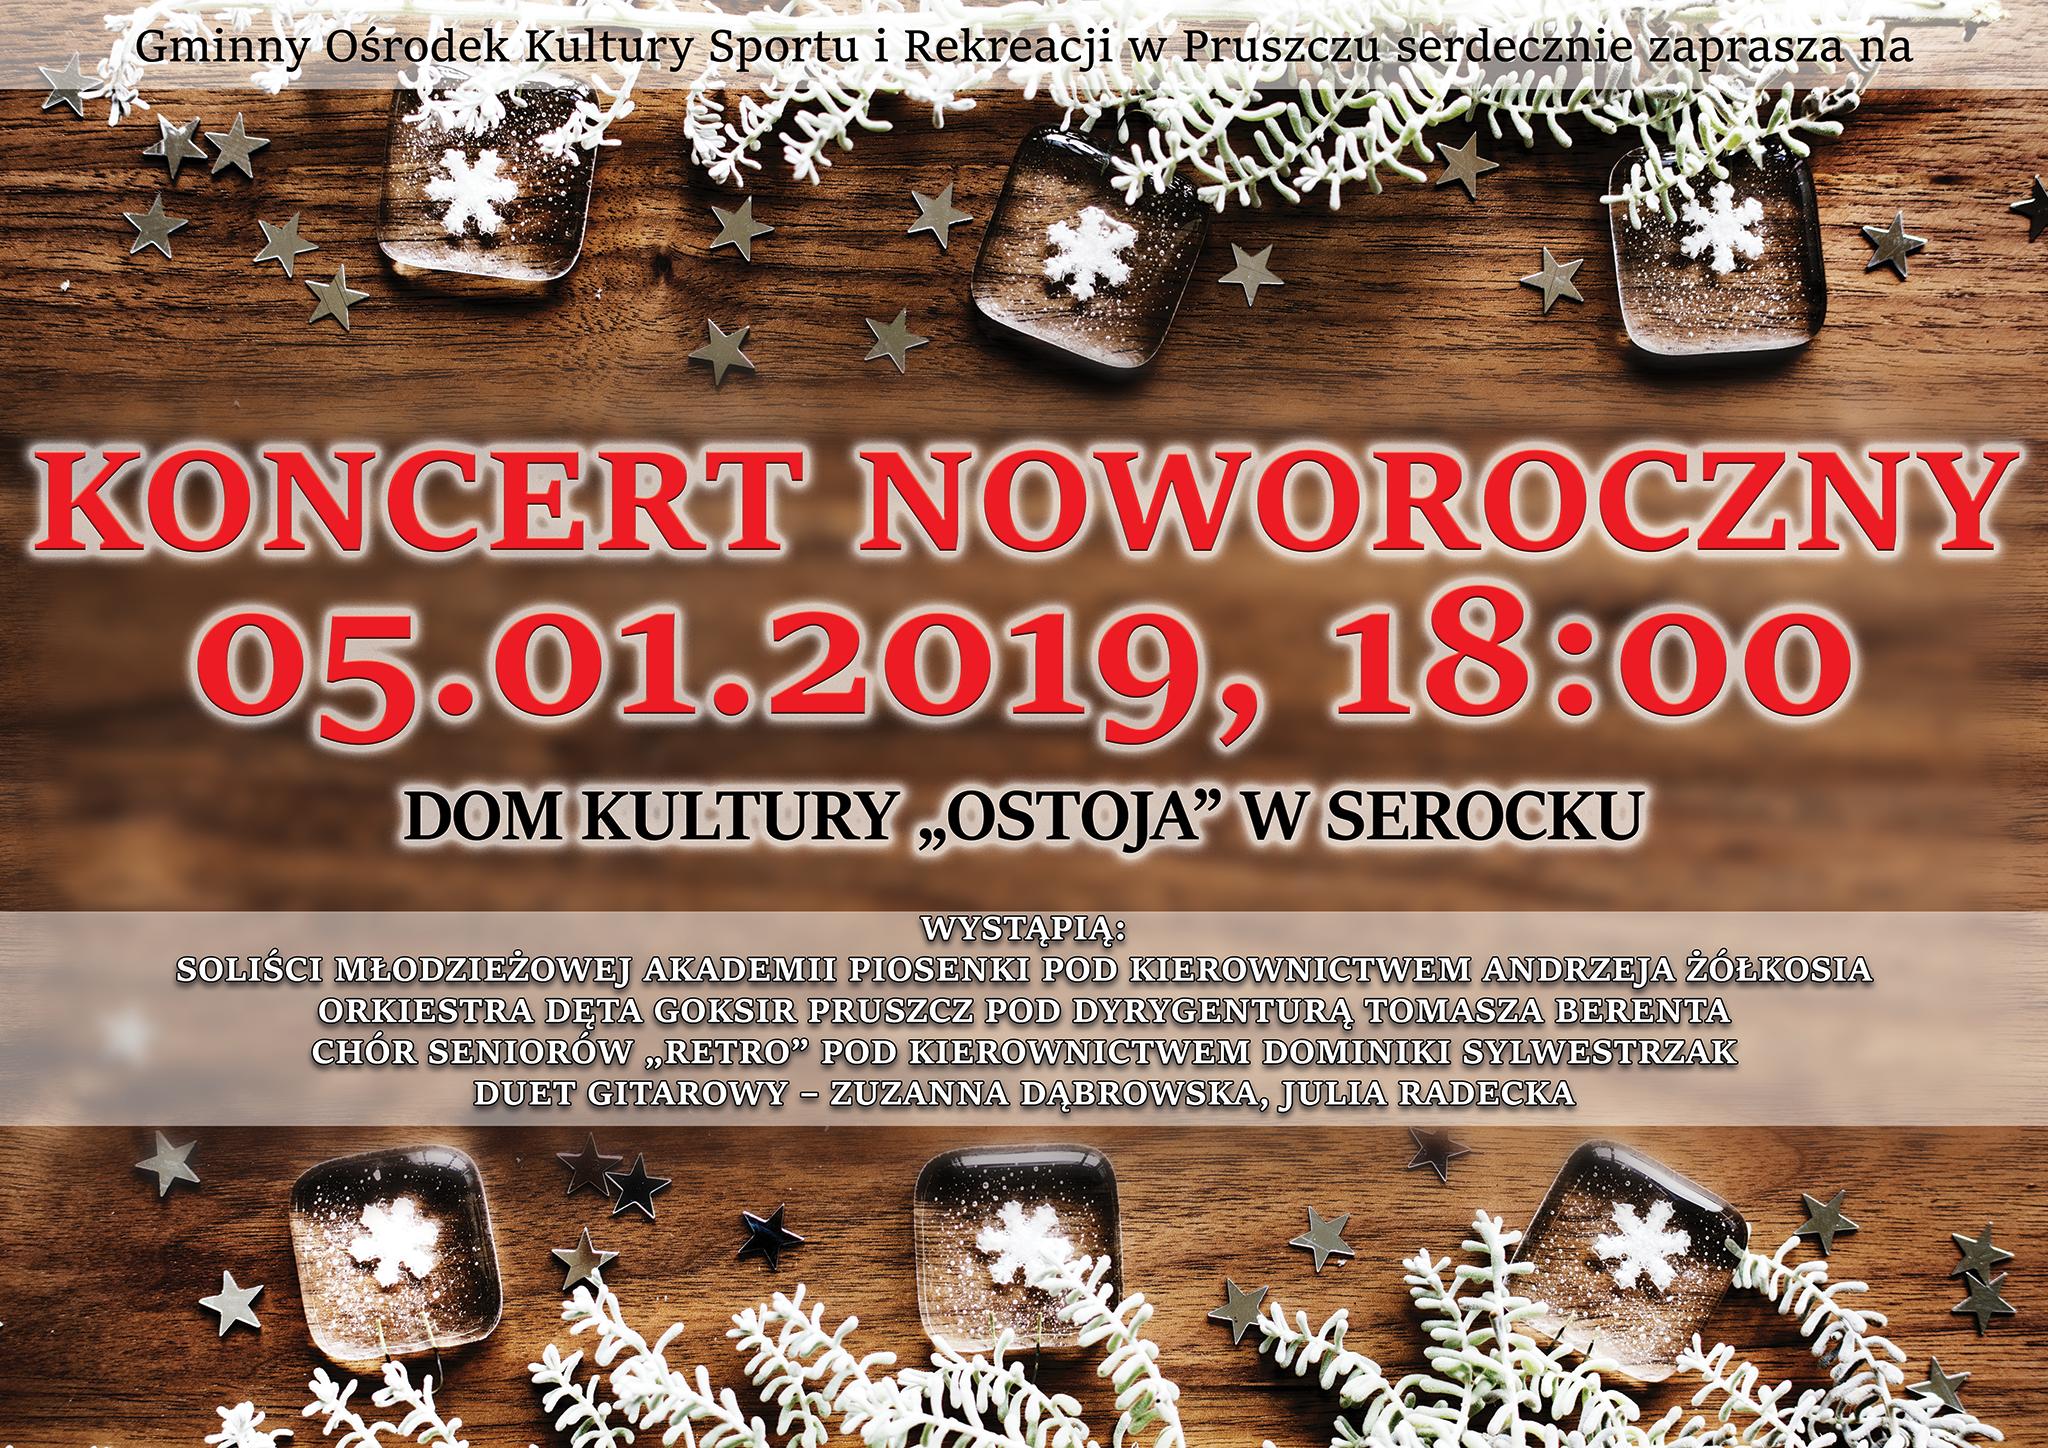 KoncertNoworoczny2019